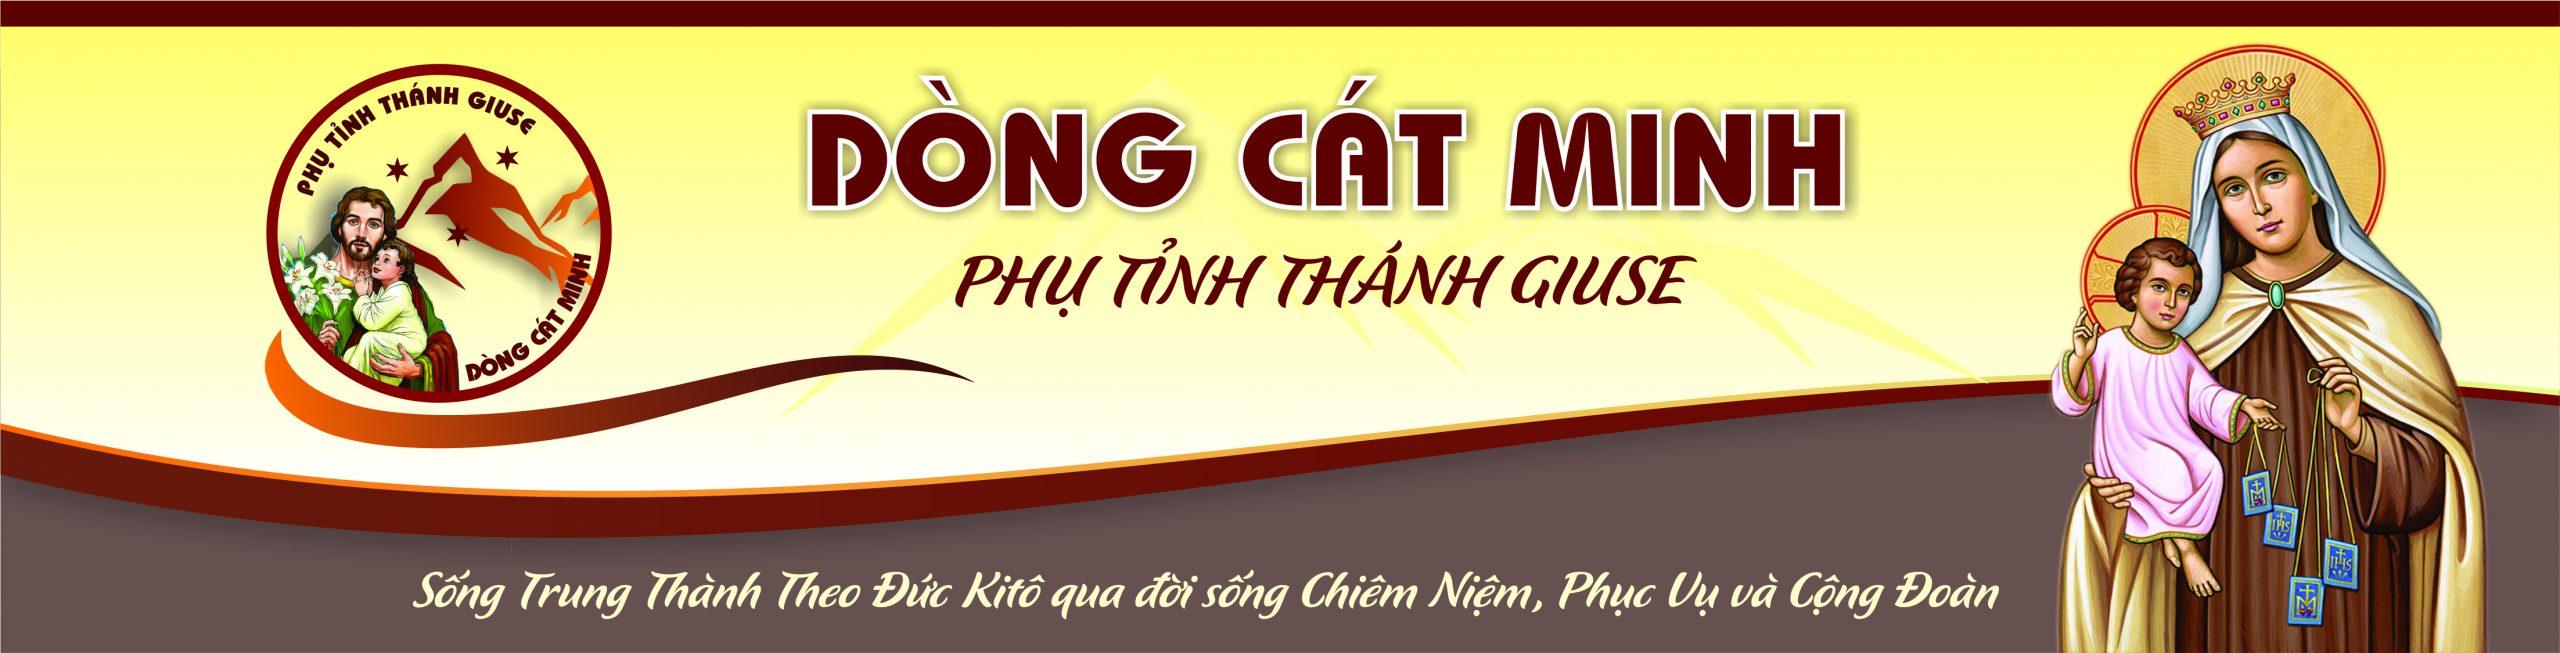 D��ng C��t Minh Vi���t Nam